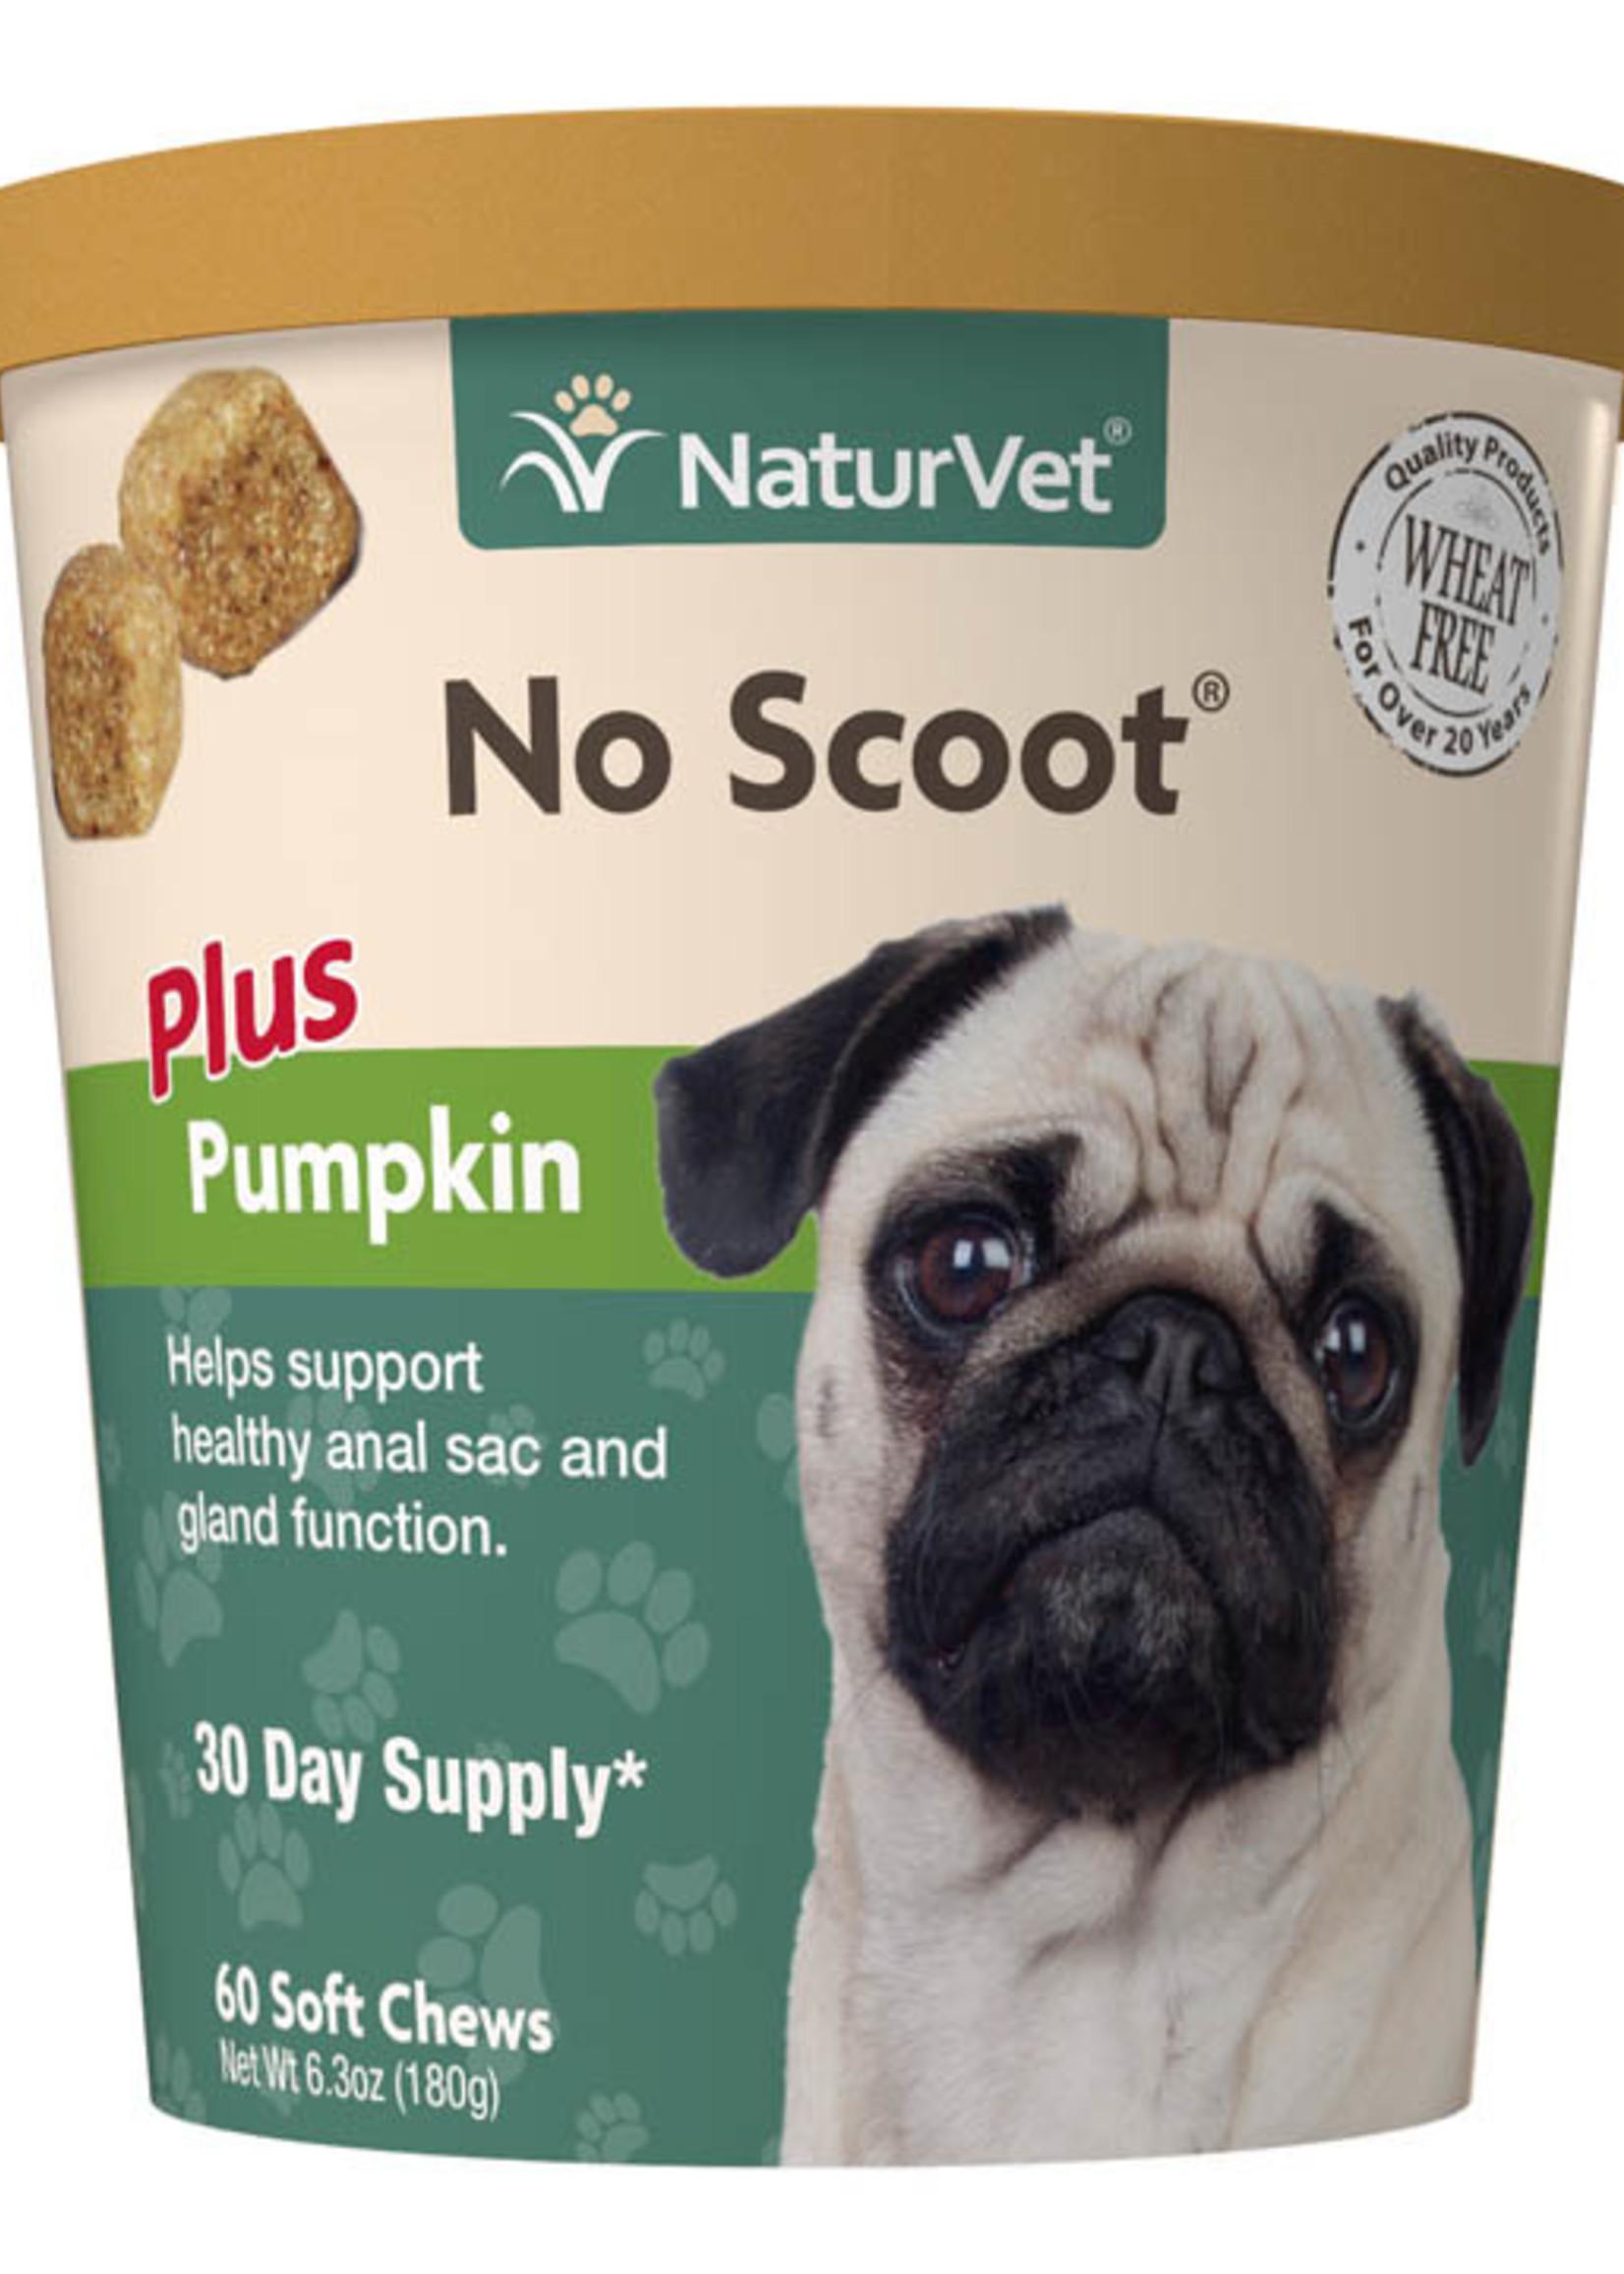 NaturVet NaturVet Dog No Scoot 60 Soft Chews